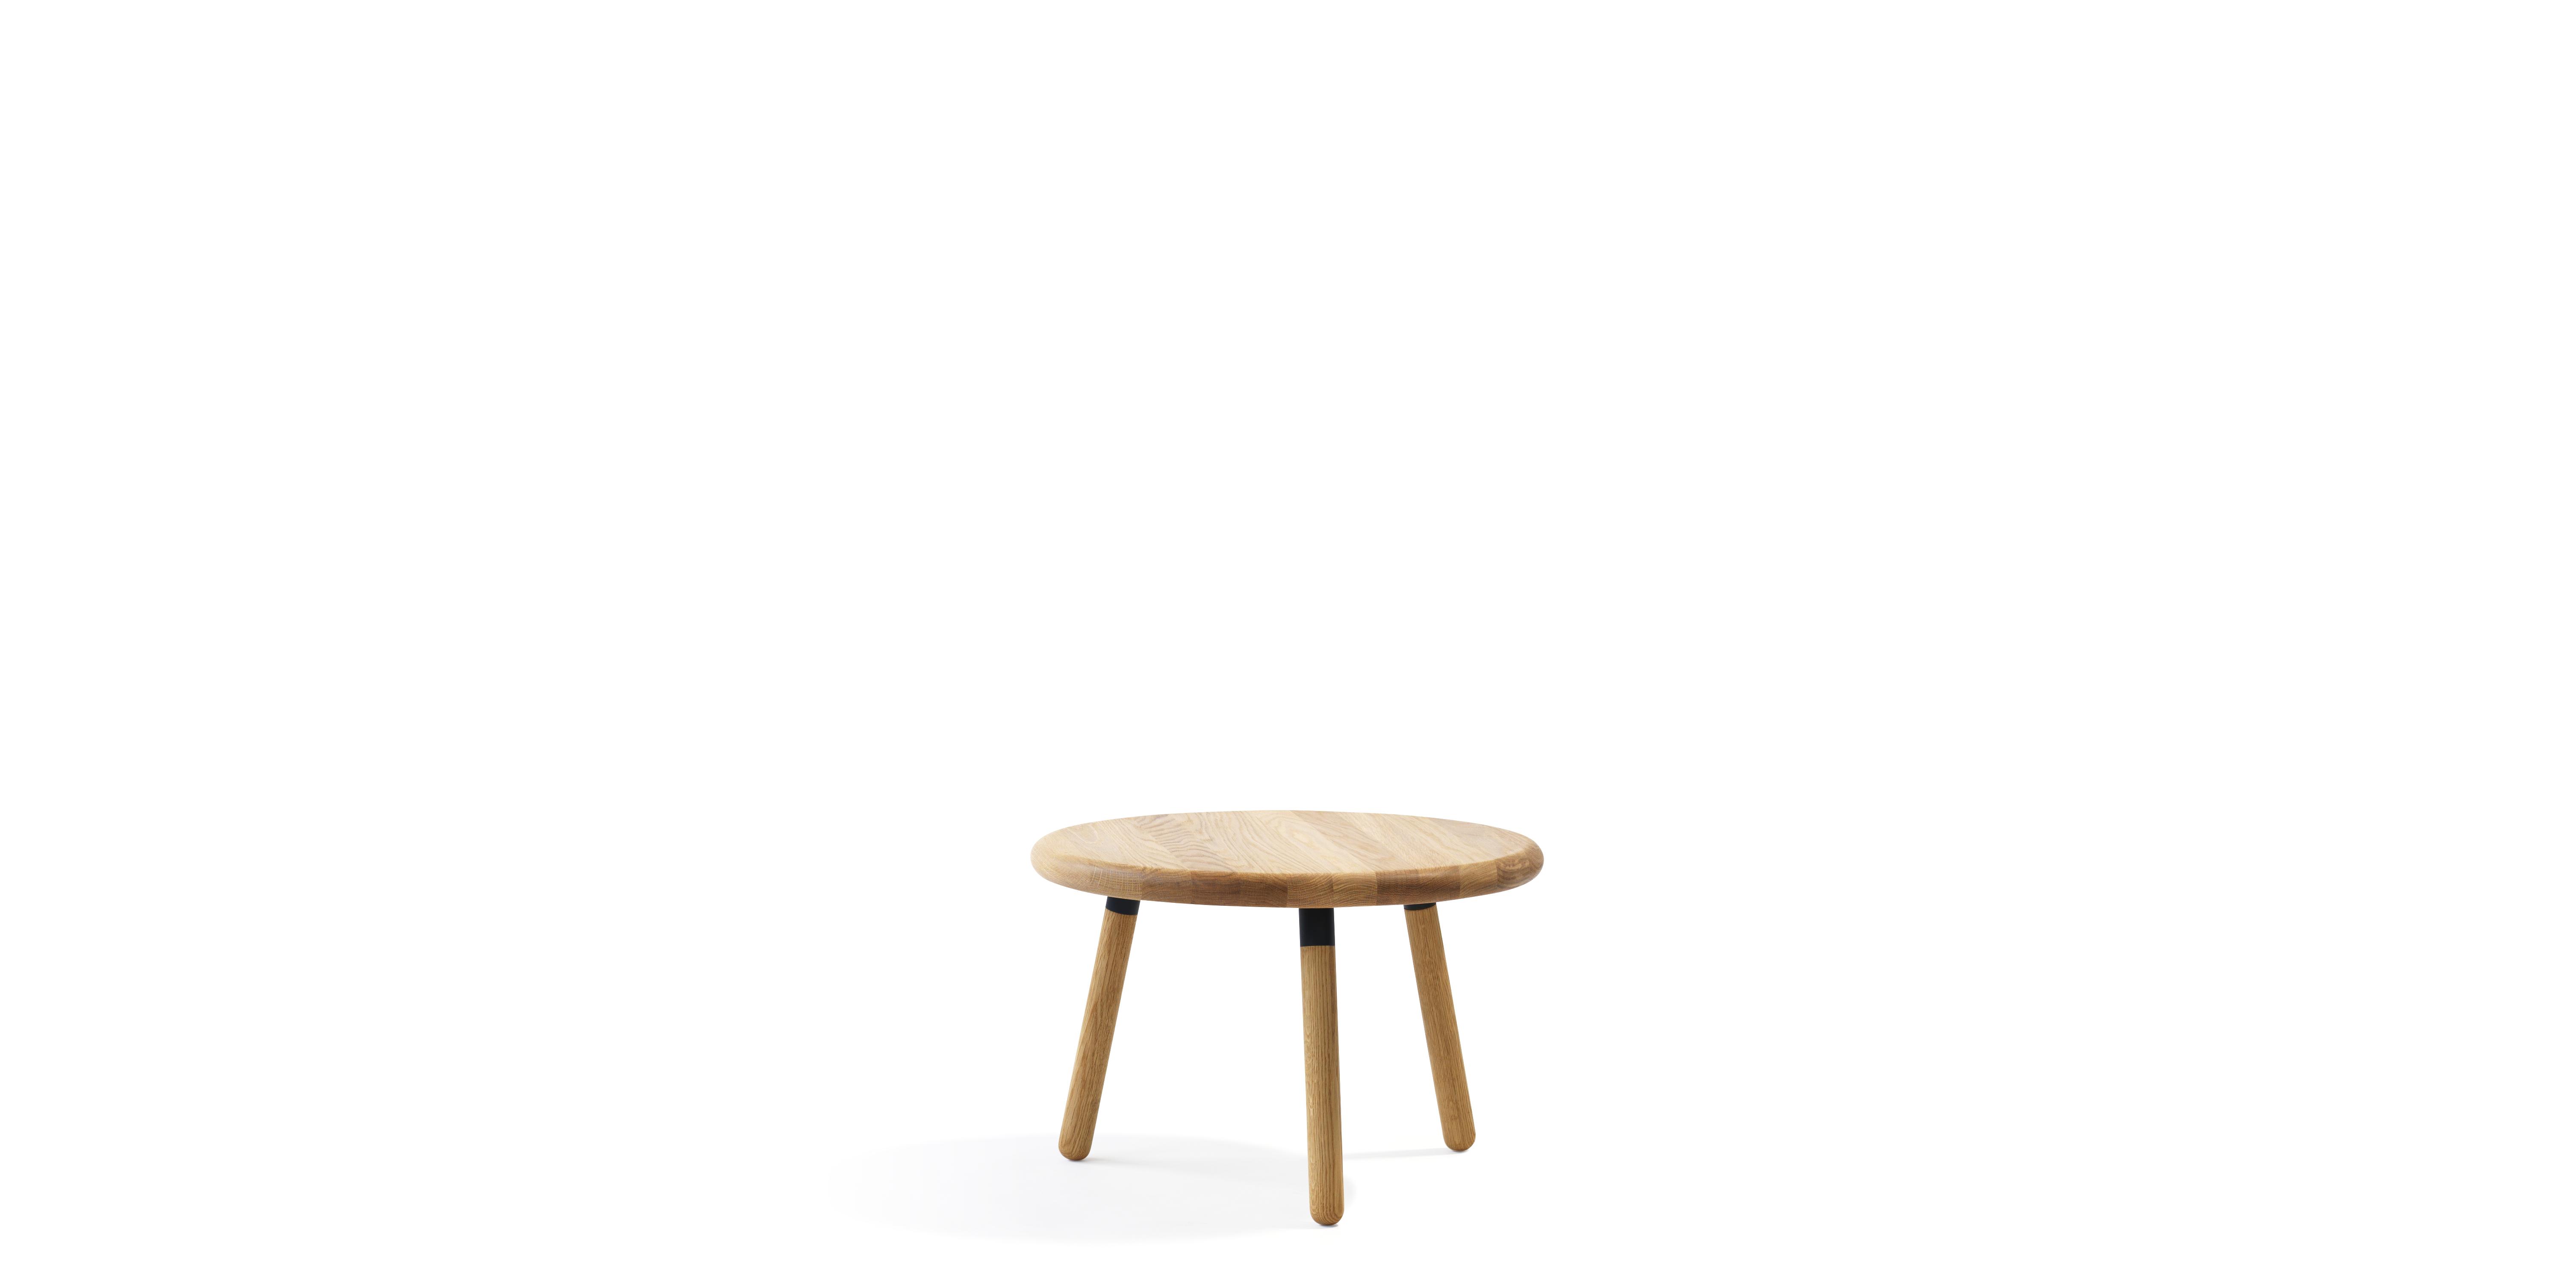 Produkter innovativa designm bler av h g kvalitet bl for Table a vi 6 2 of the stcw code